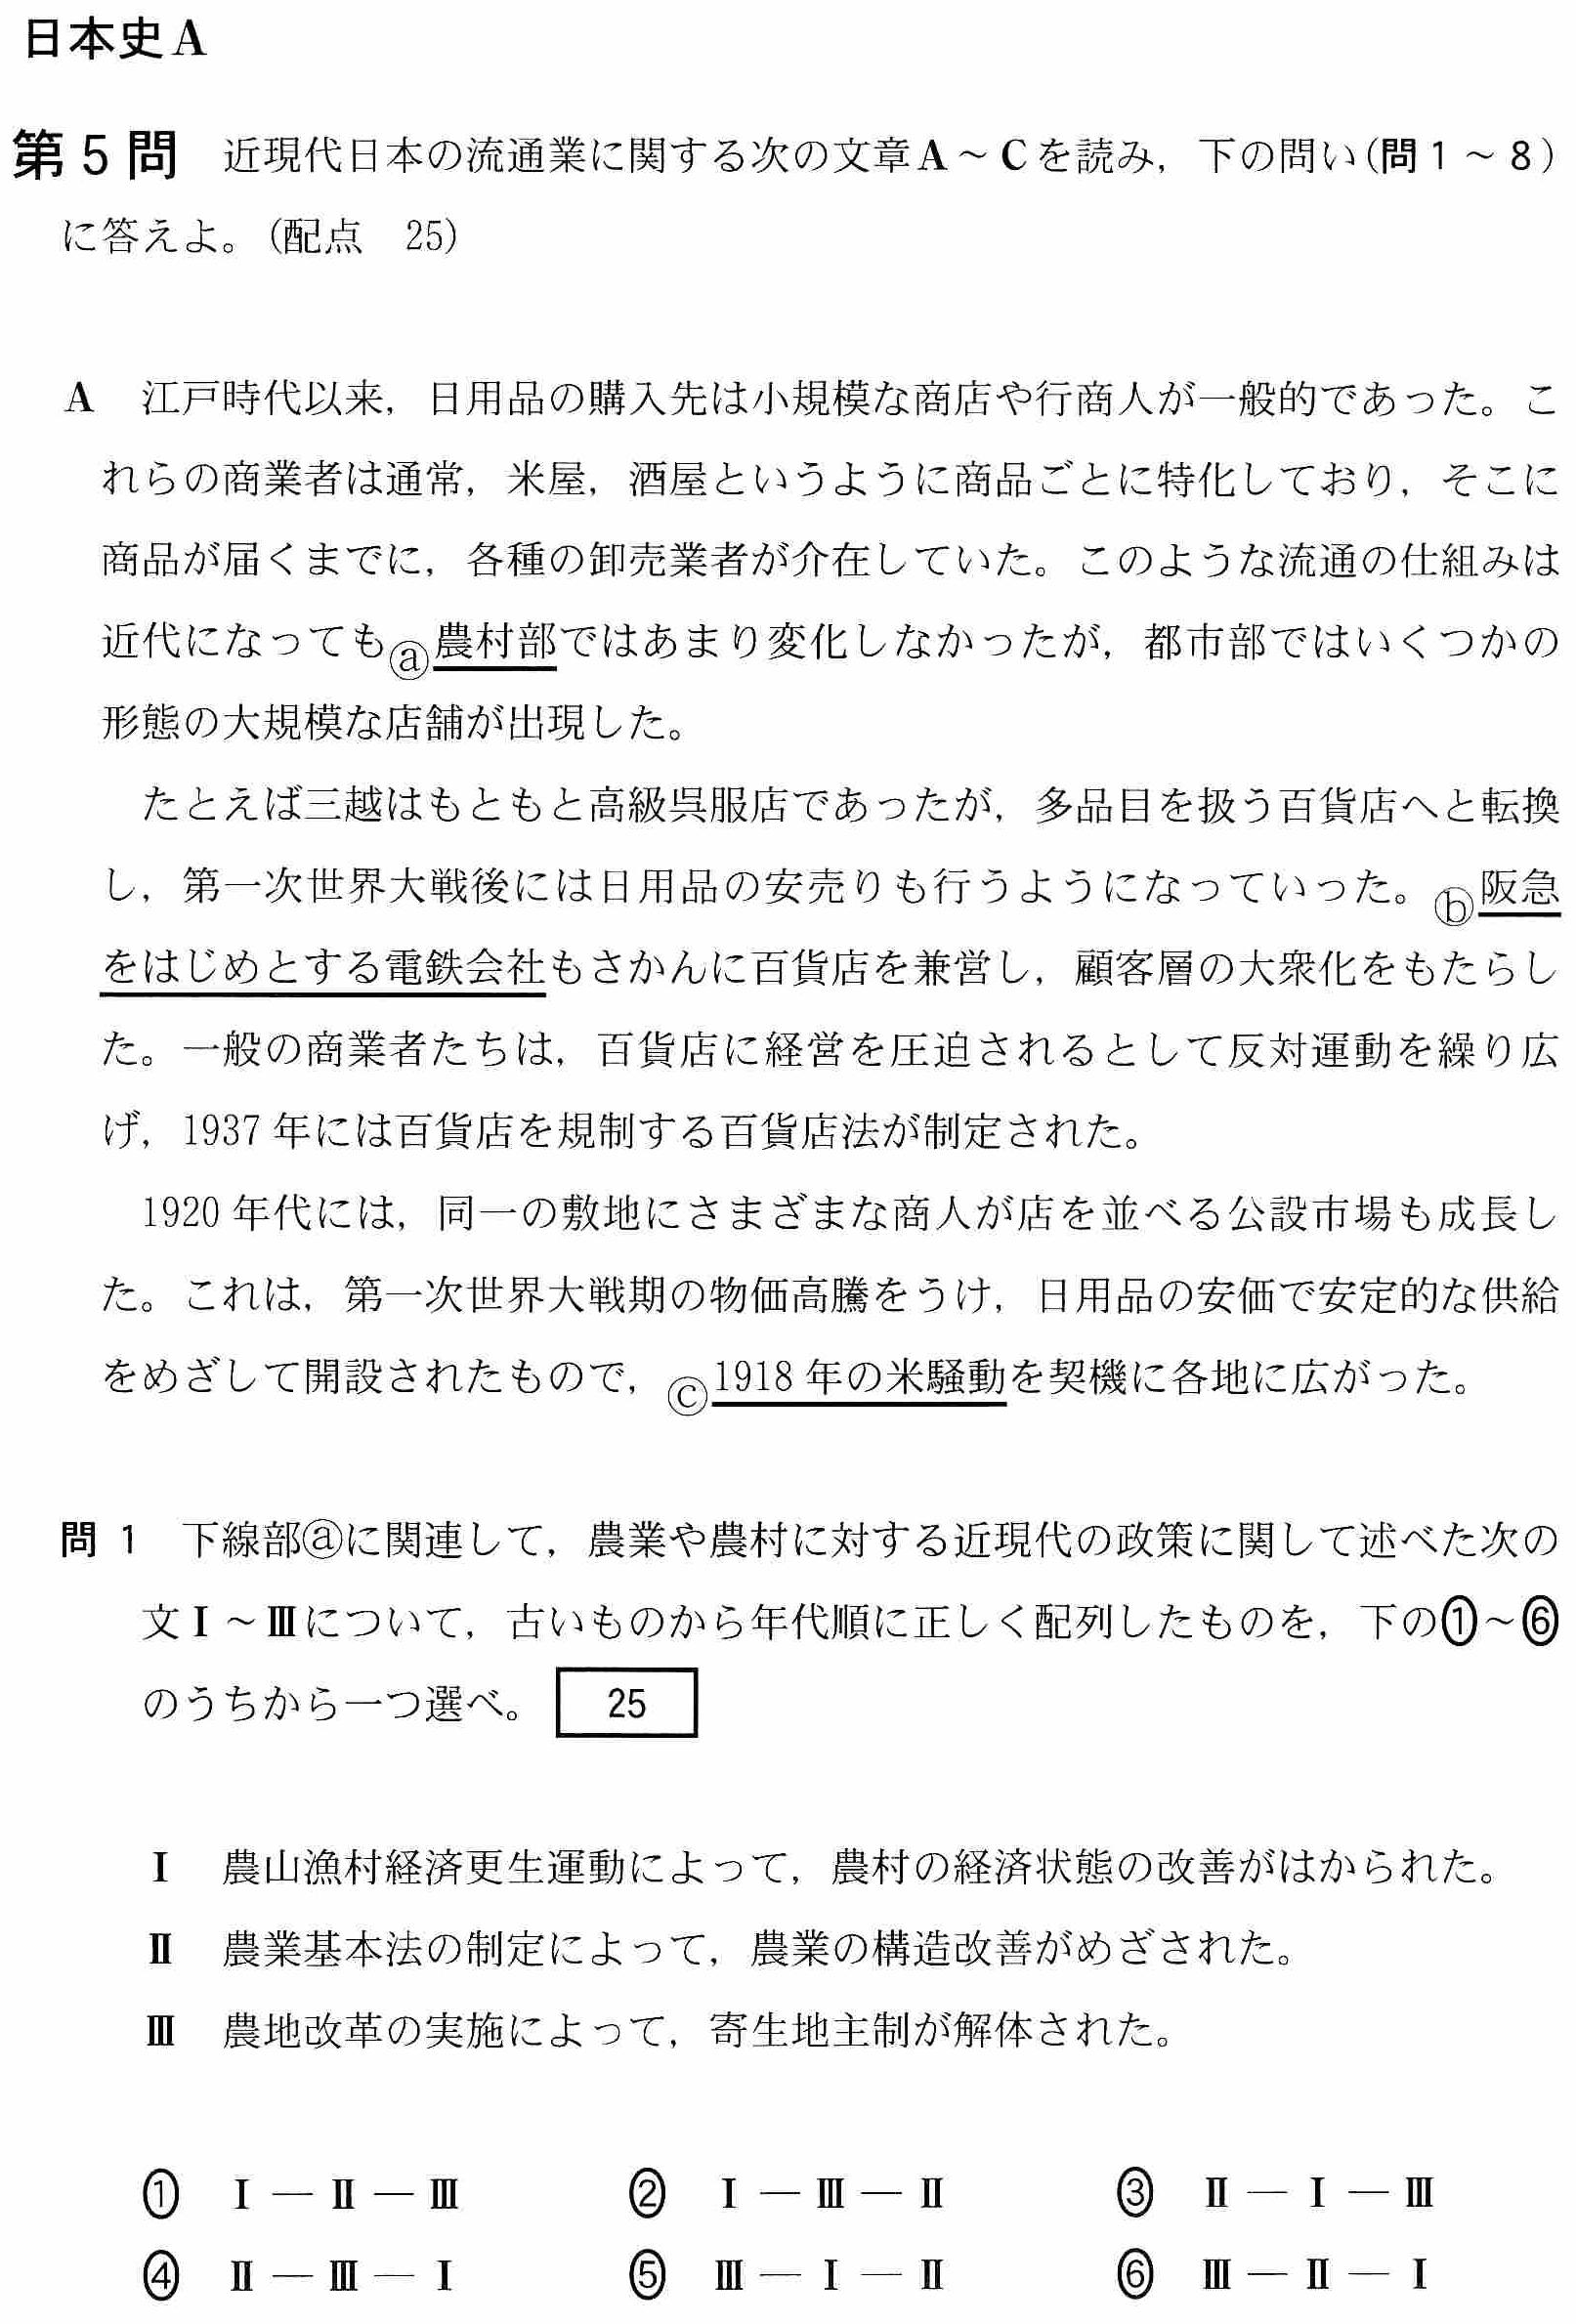 センター試験2018の富山関連問題(日本史A)1